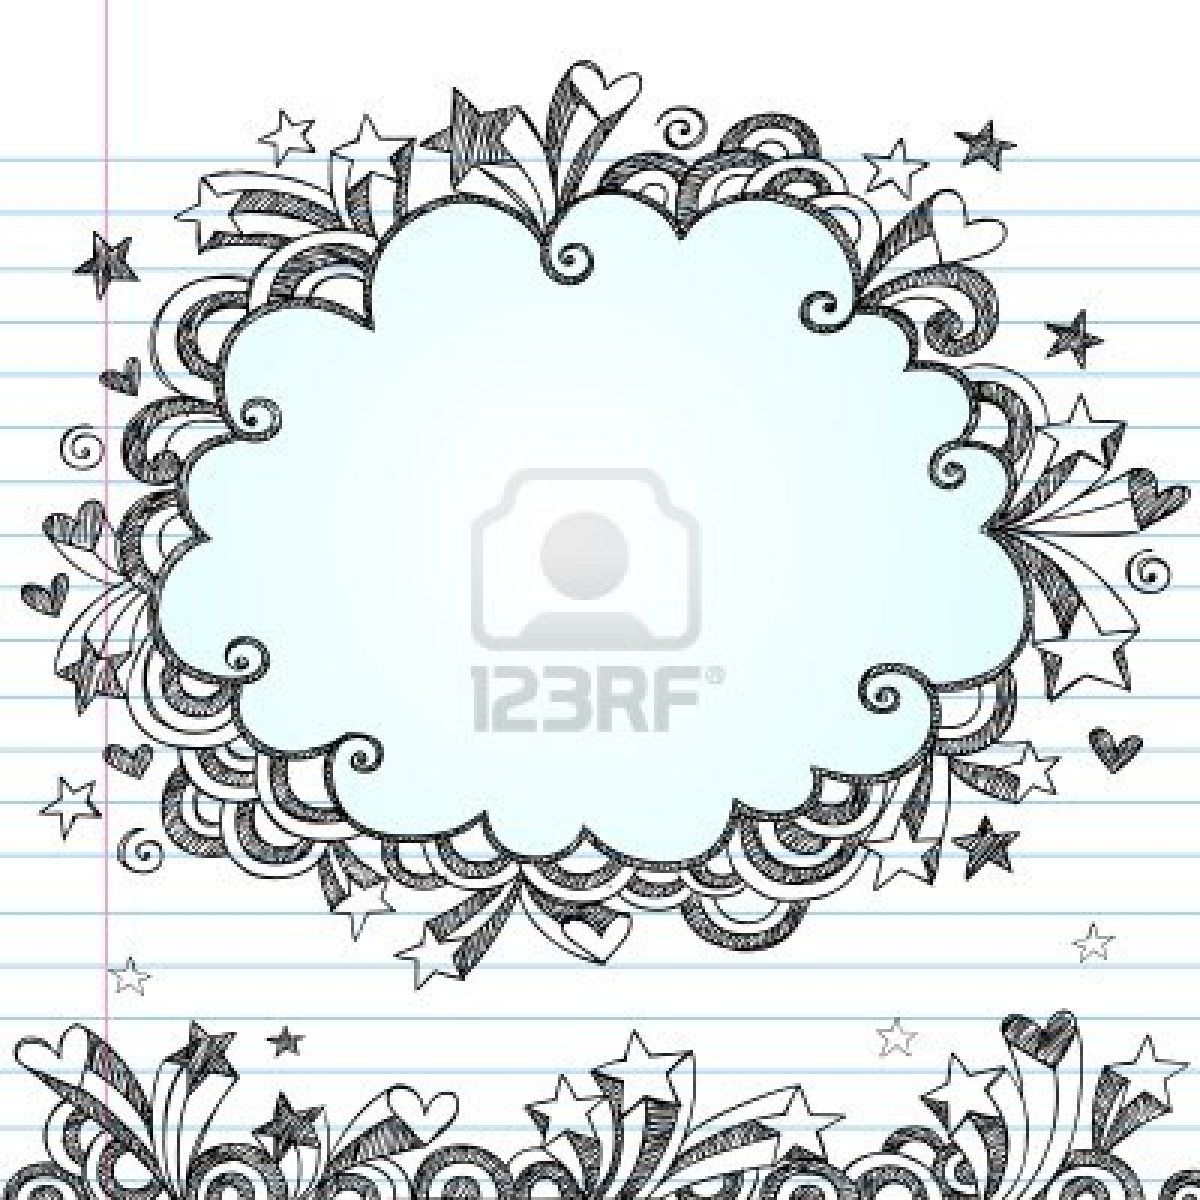 Cloud Frame Sketchy Doodle- Hand-Drawn Notebook Doodles Design ...